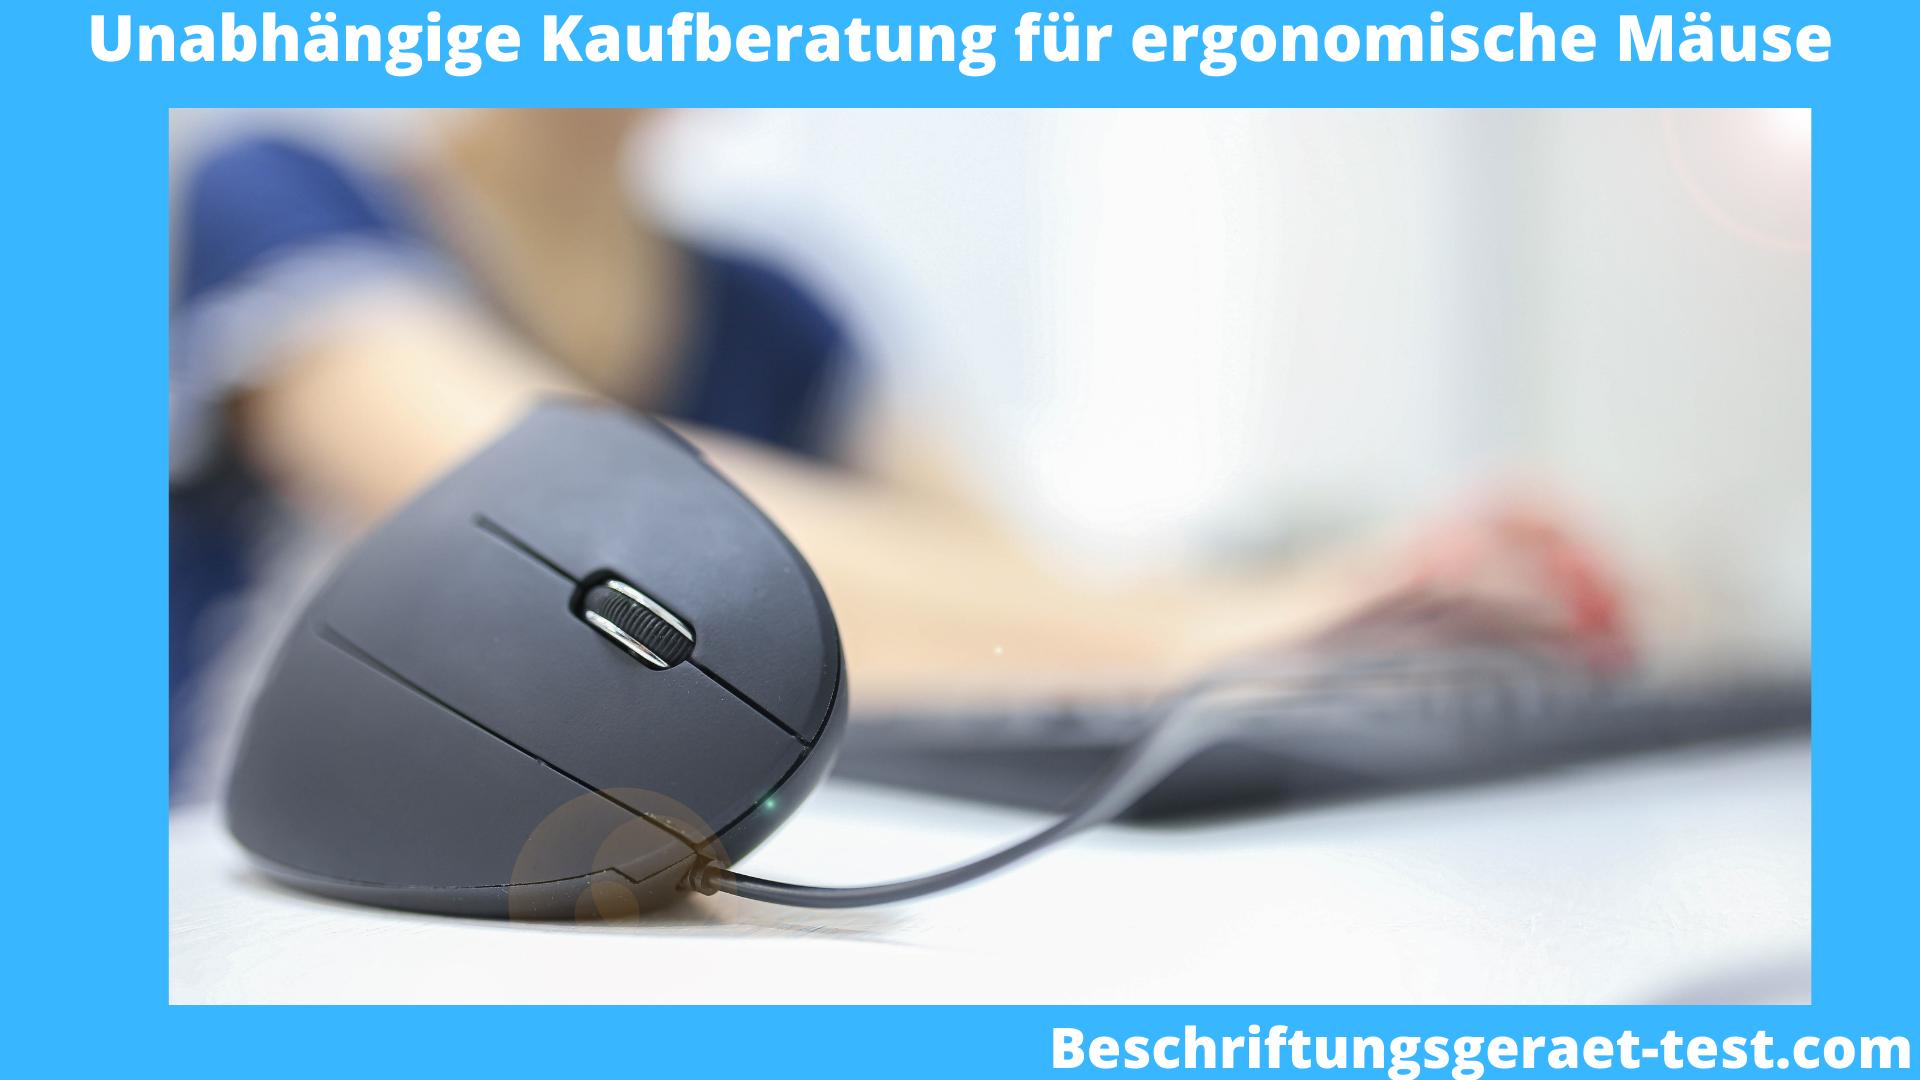 ergonomische Maus Test